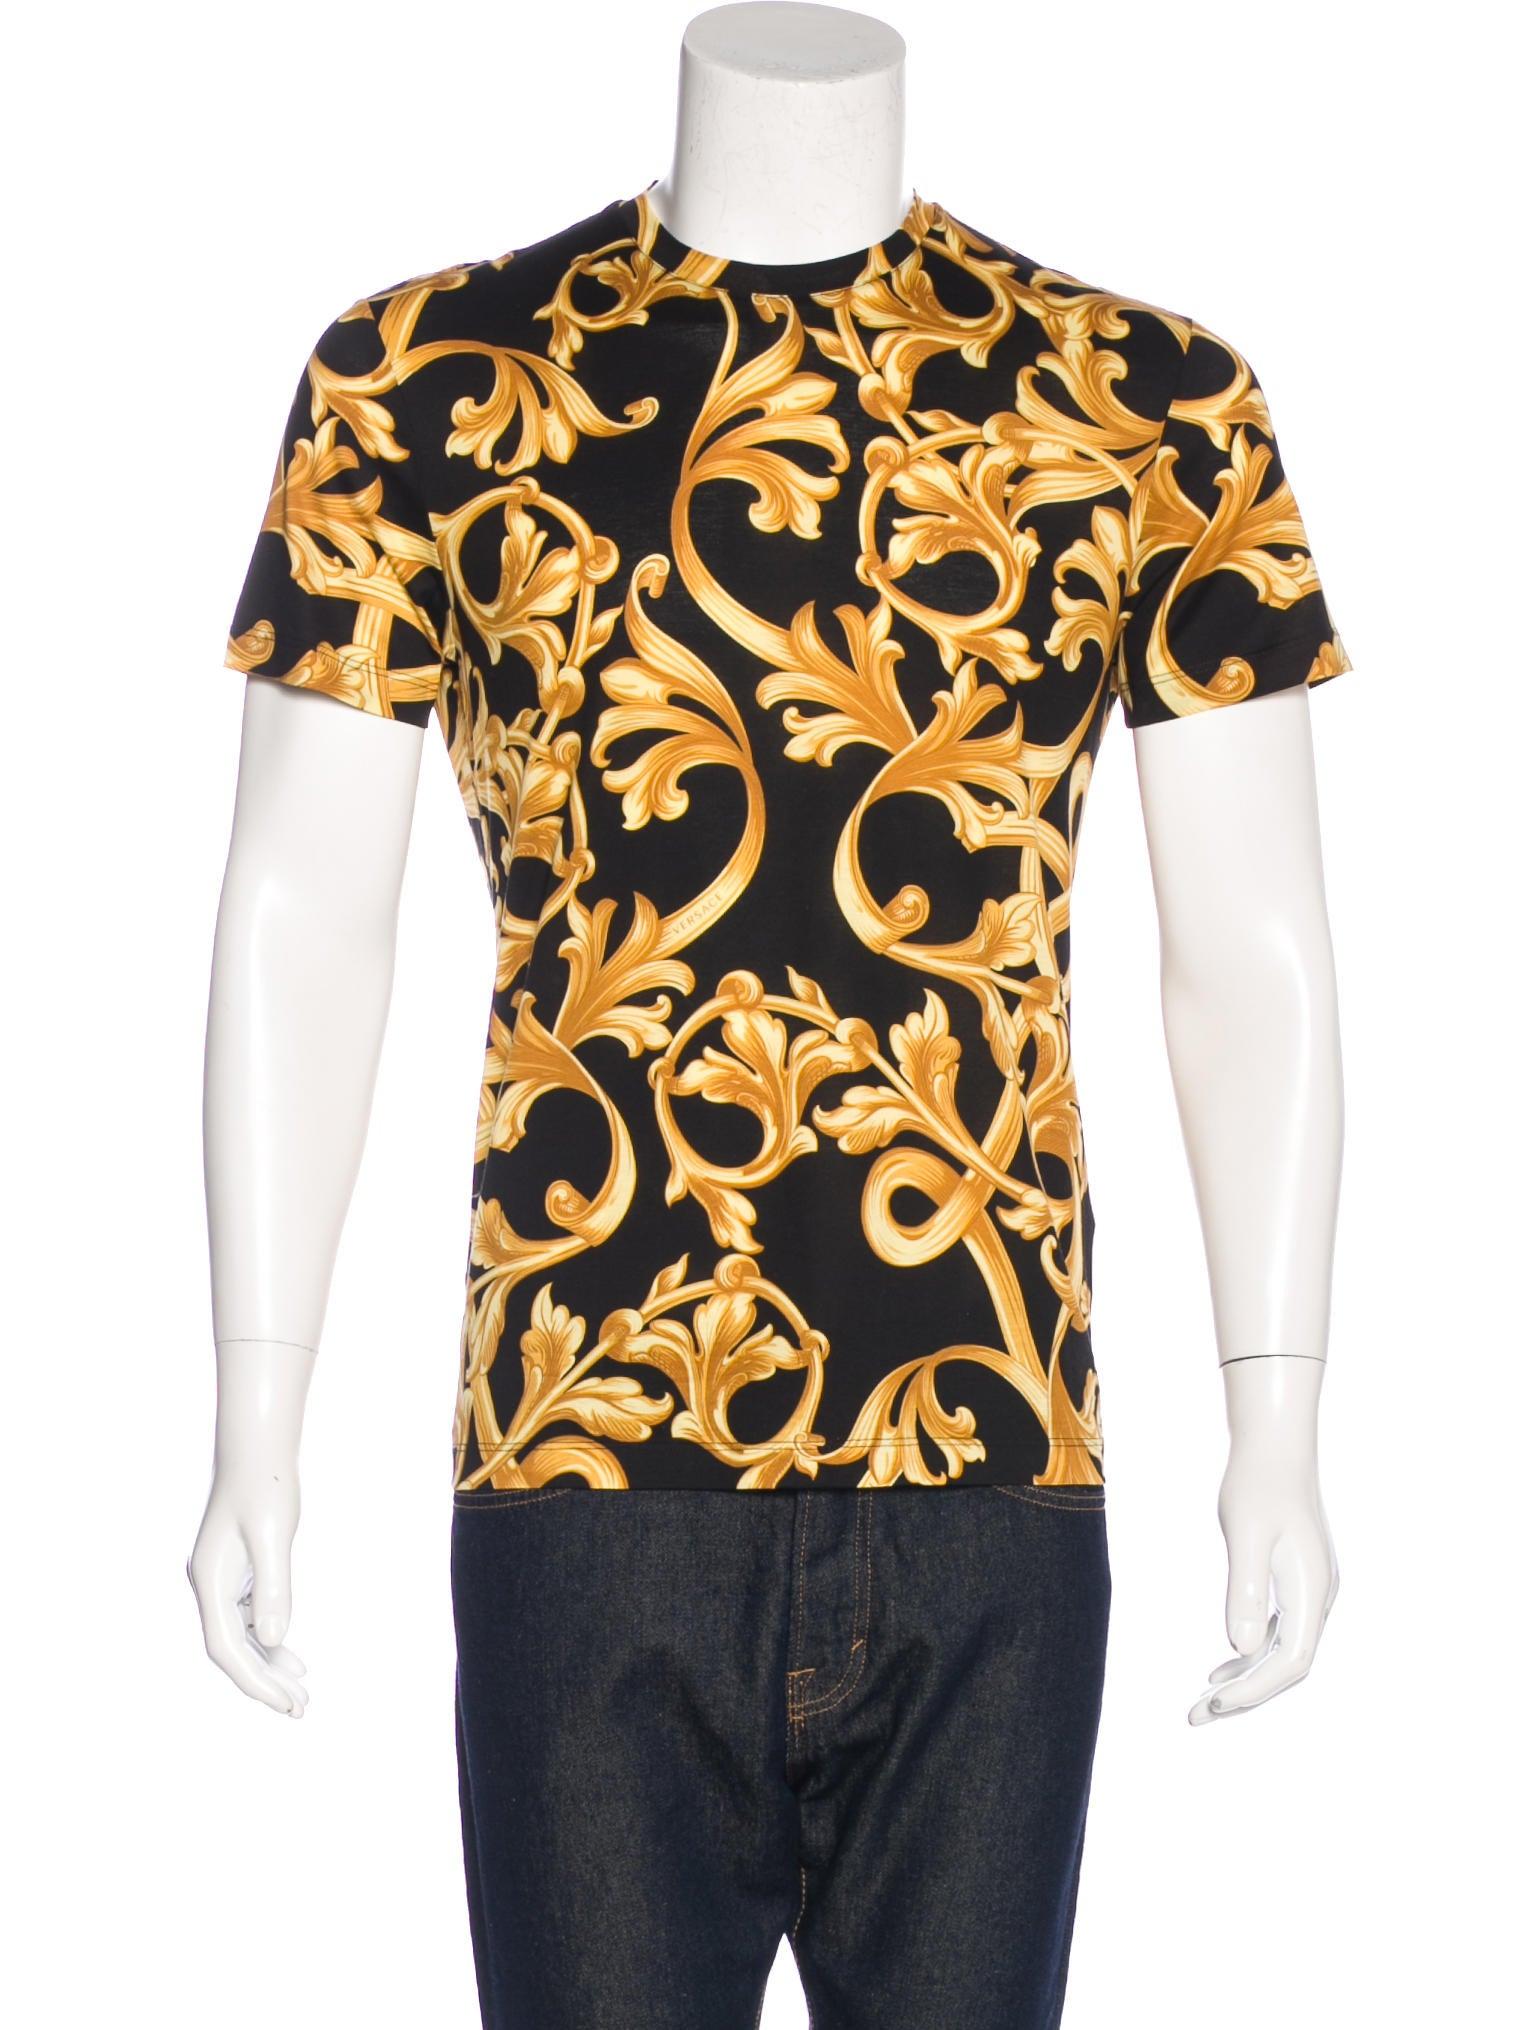 Versace print t shirts